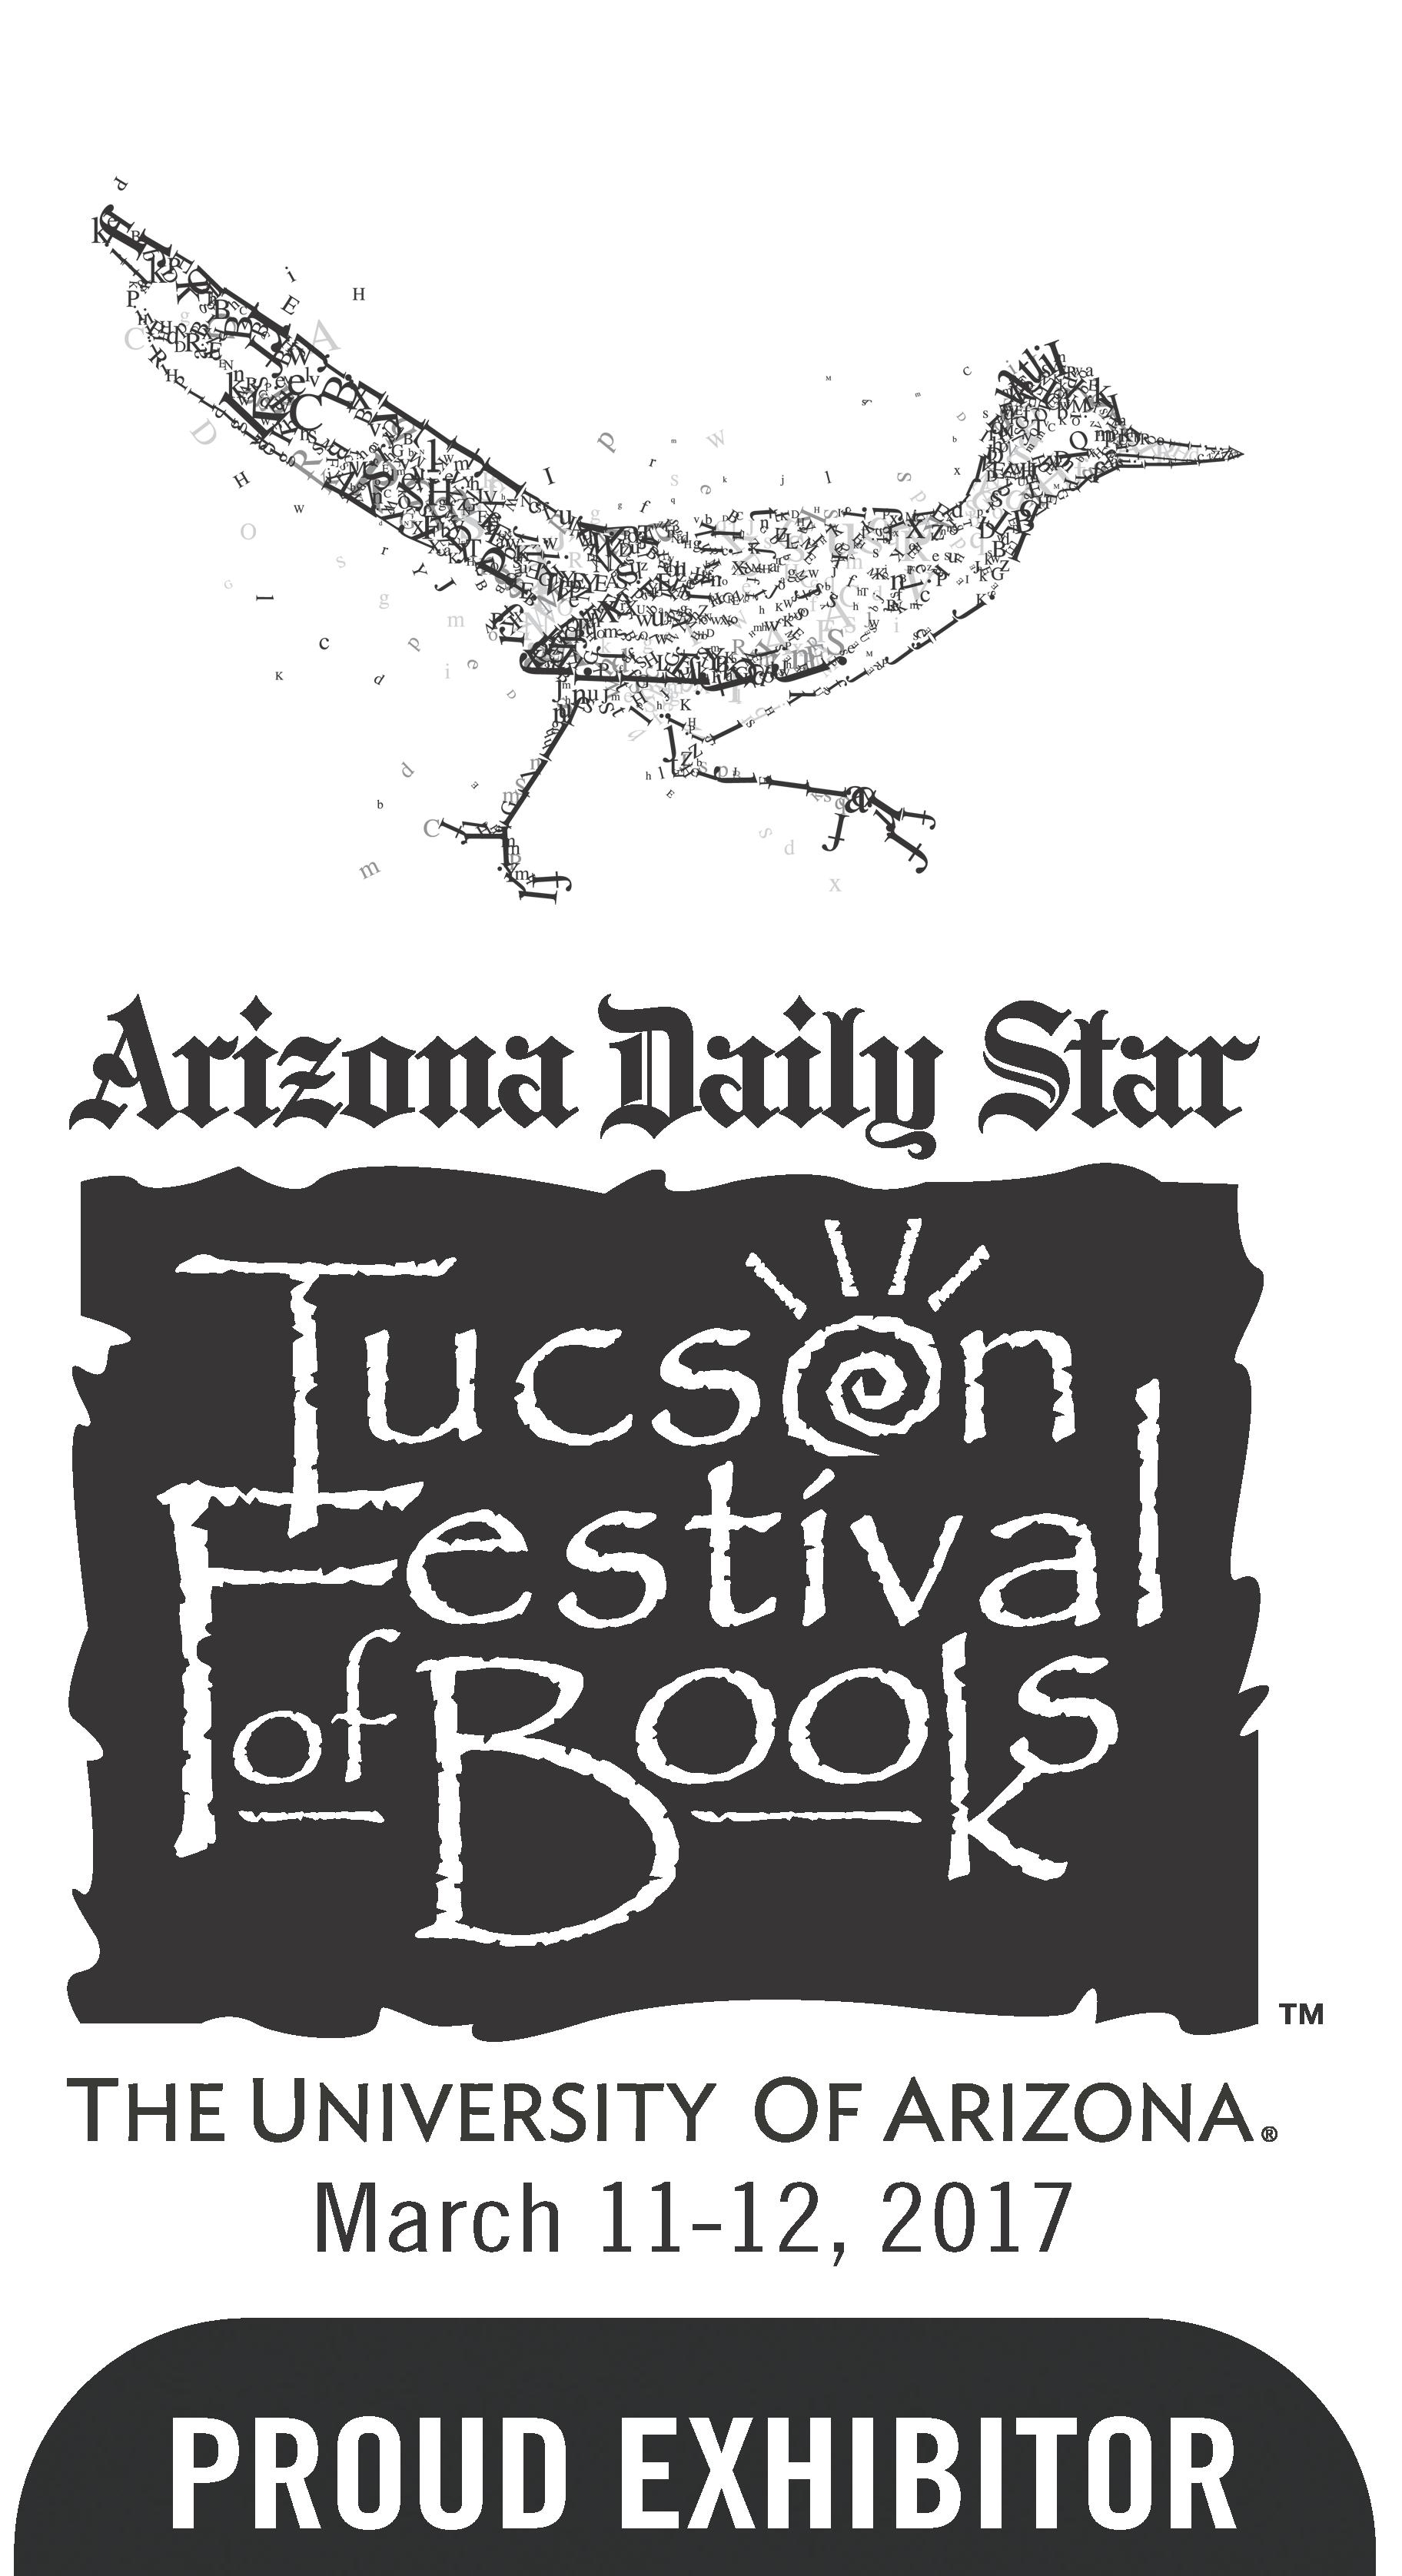 http://tucsonfestivalofbooks.org/?mid=71